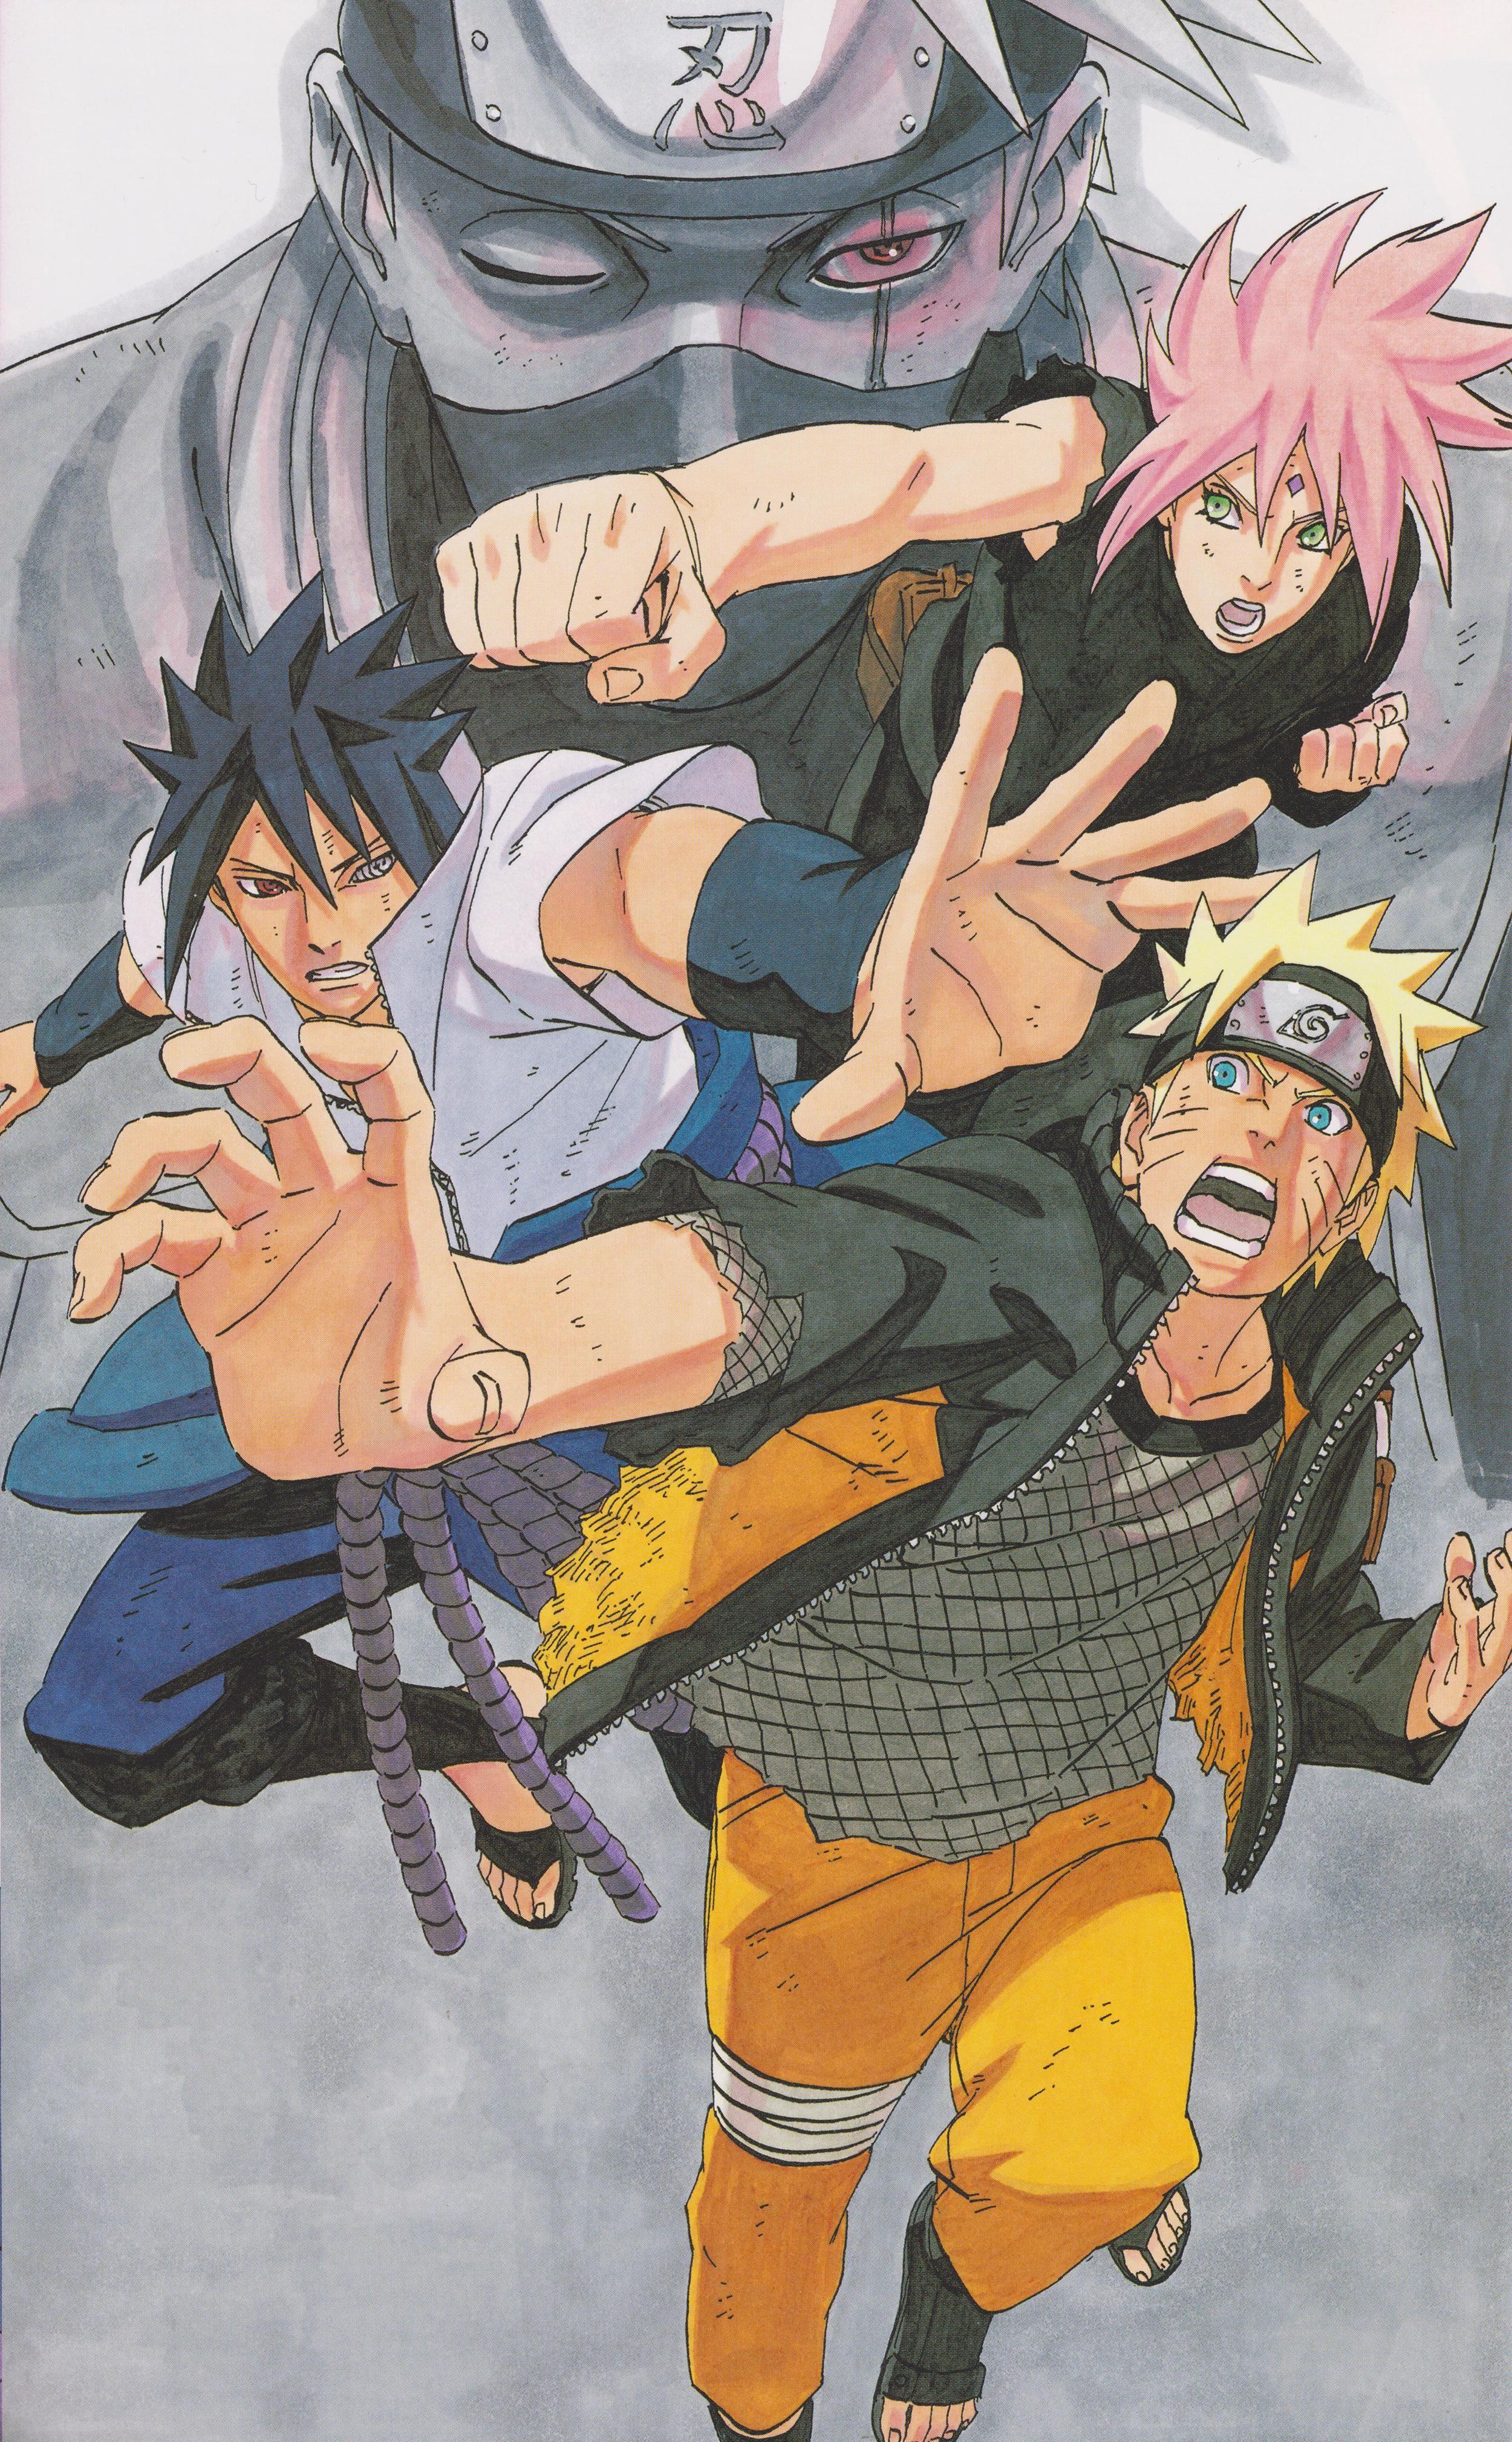 Naruto artbook team naruto and naruto team